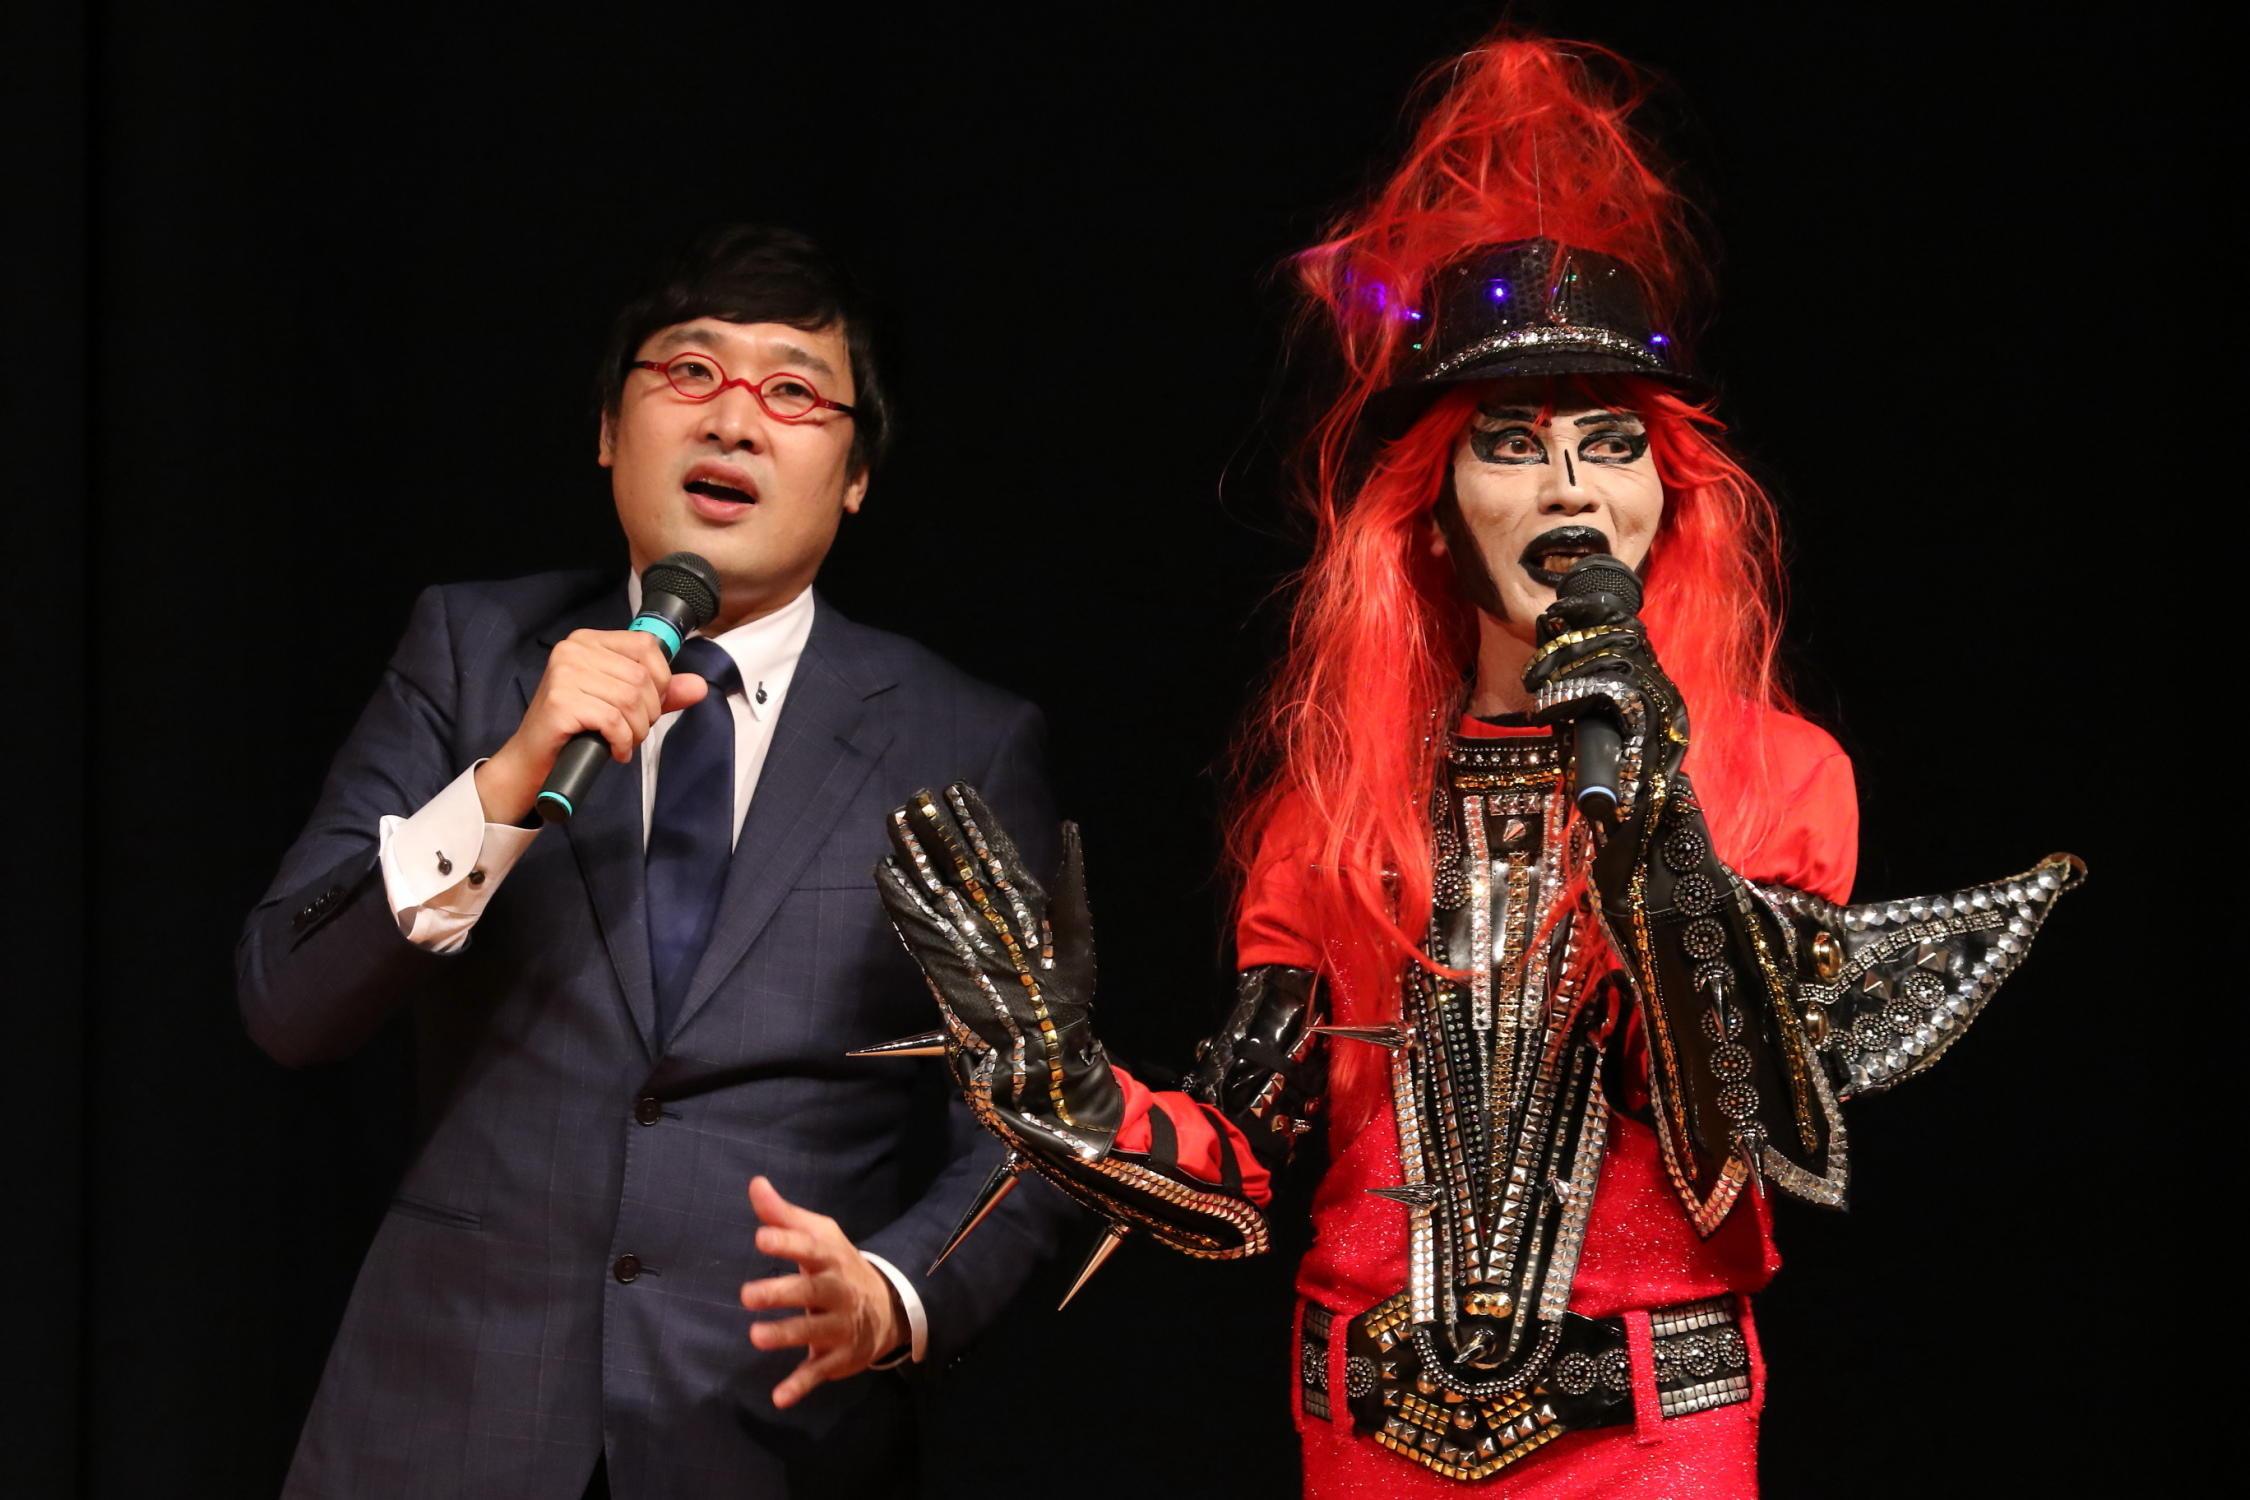 http://news.yoshimoto.co.jp/20180107132327-01e26e8ad04c33cce17a904ee7ca0a5a6ed80101.jpg